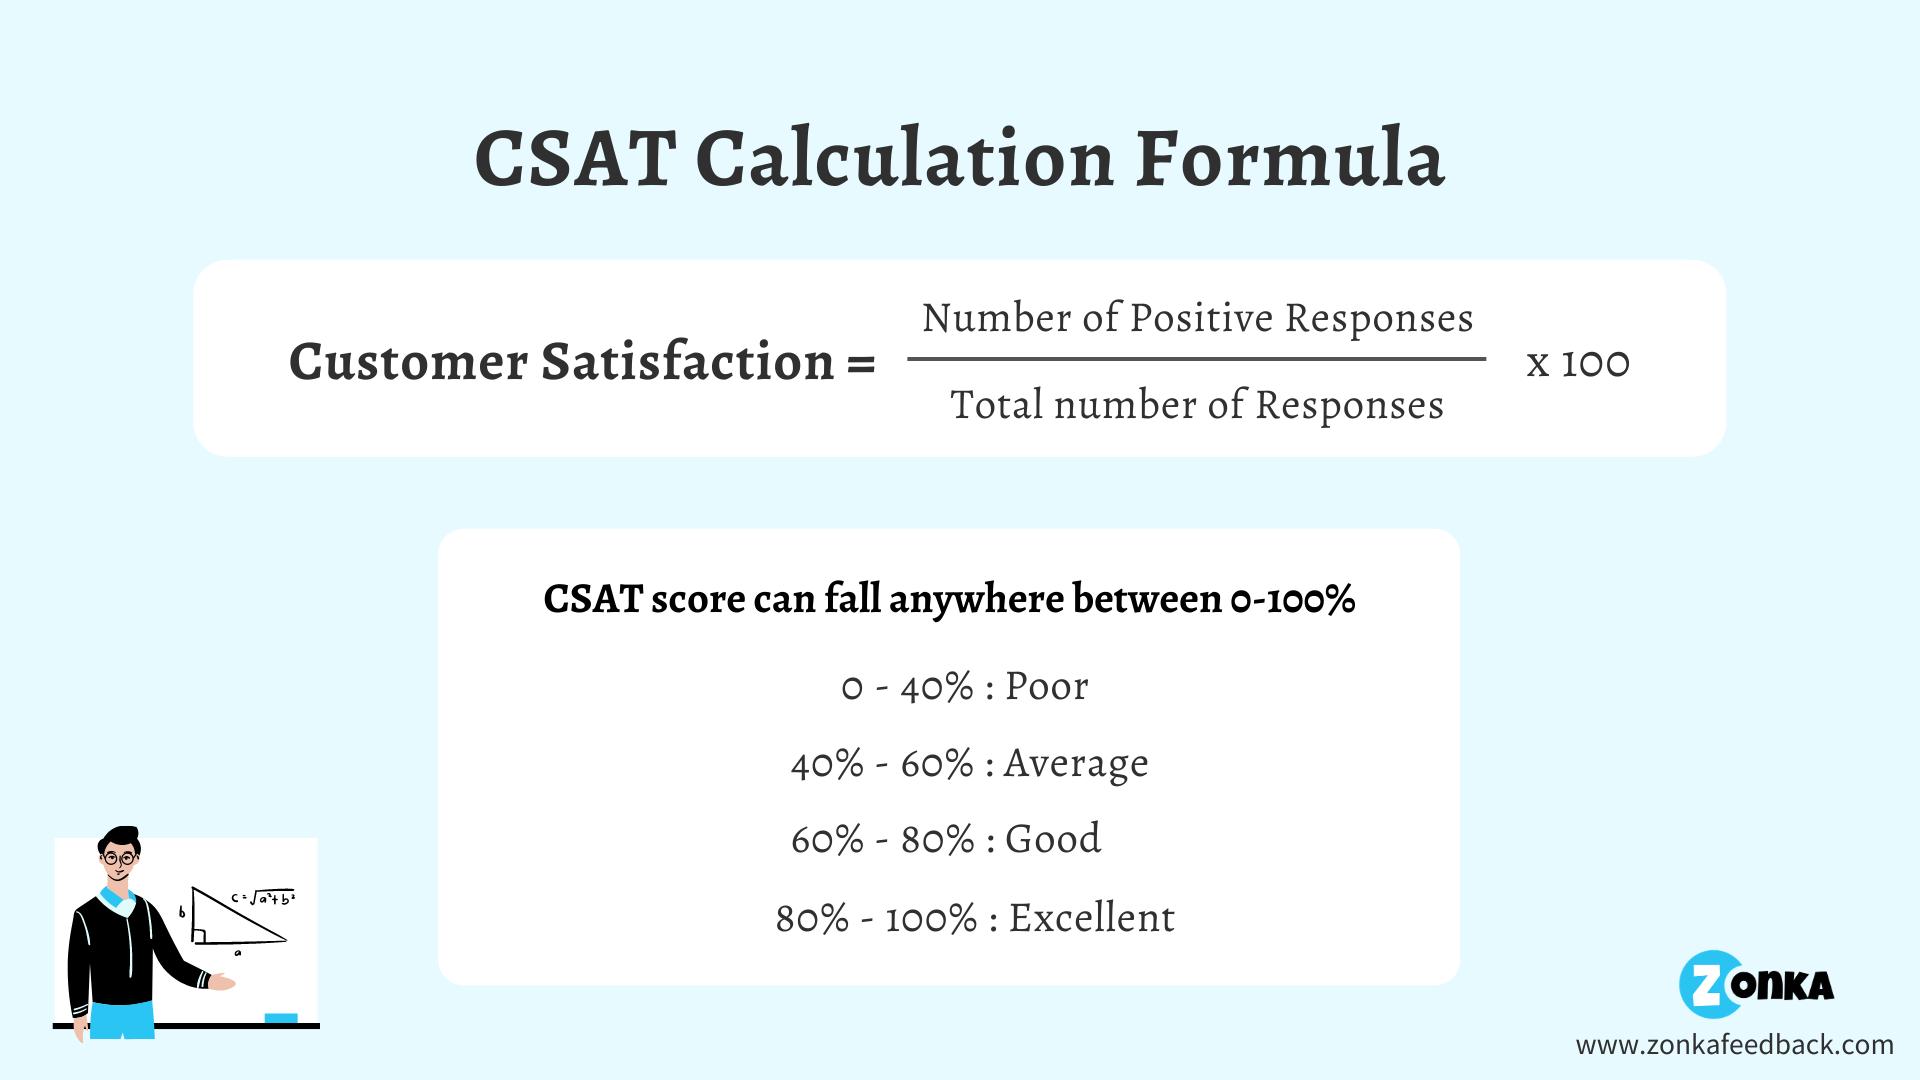 CSAT Calculation Formula